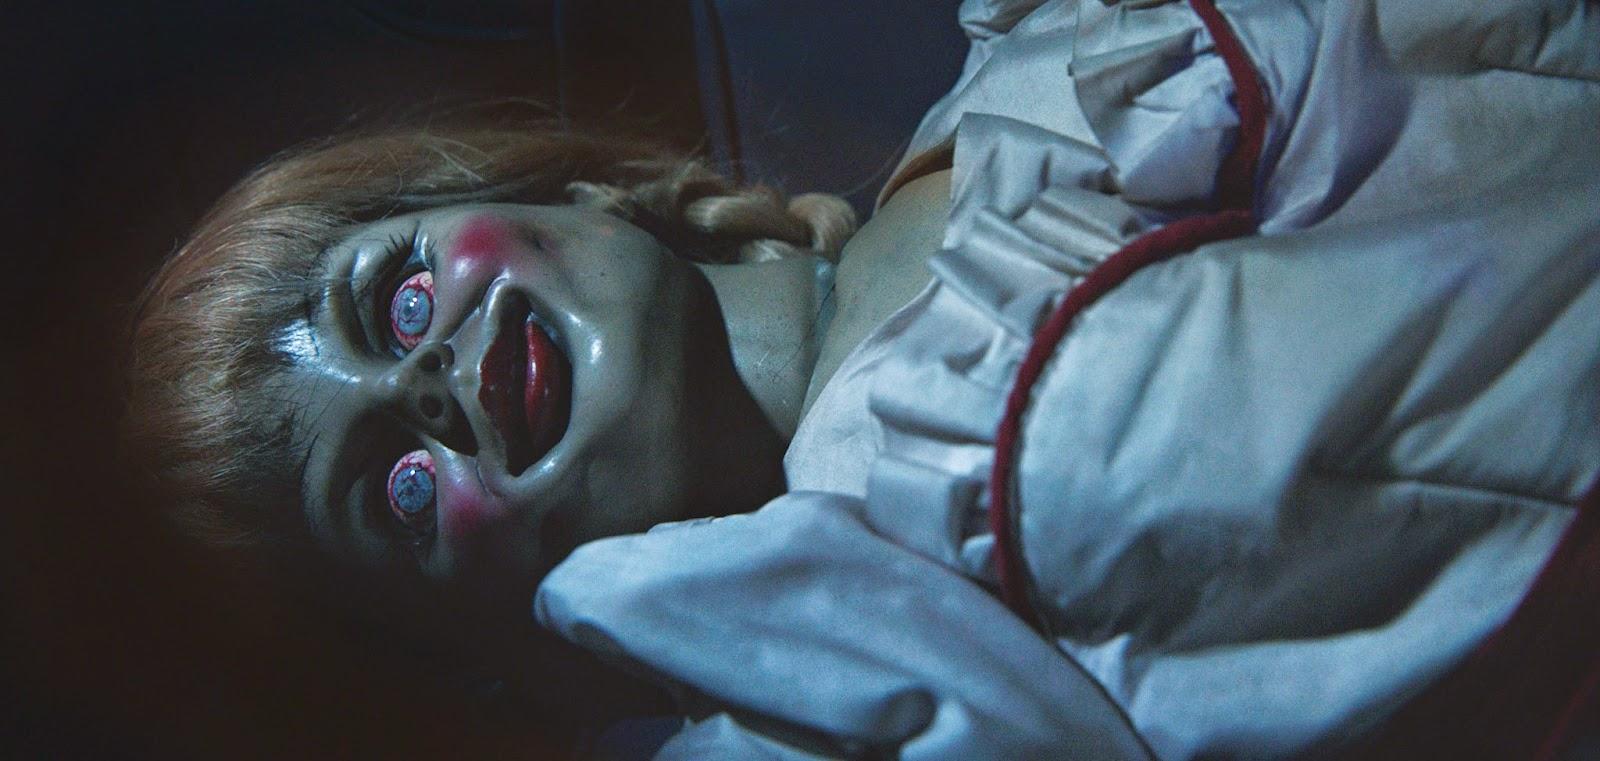 Annabelle | Várias imagens inéditas do terror derivado de Invocação do Mal